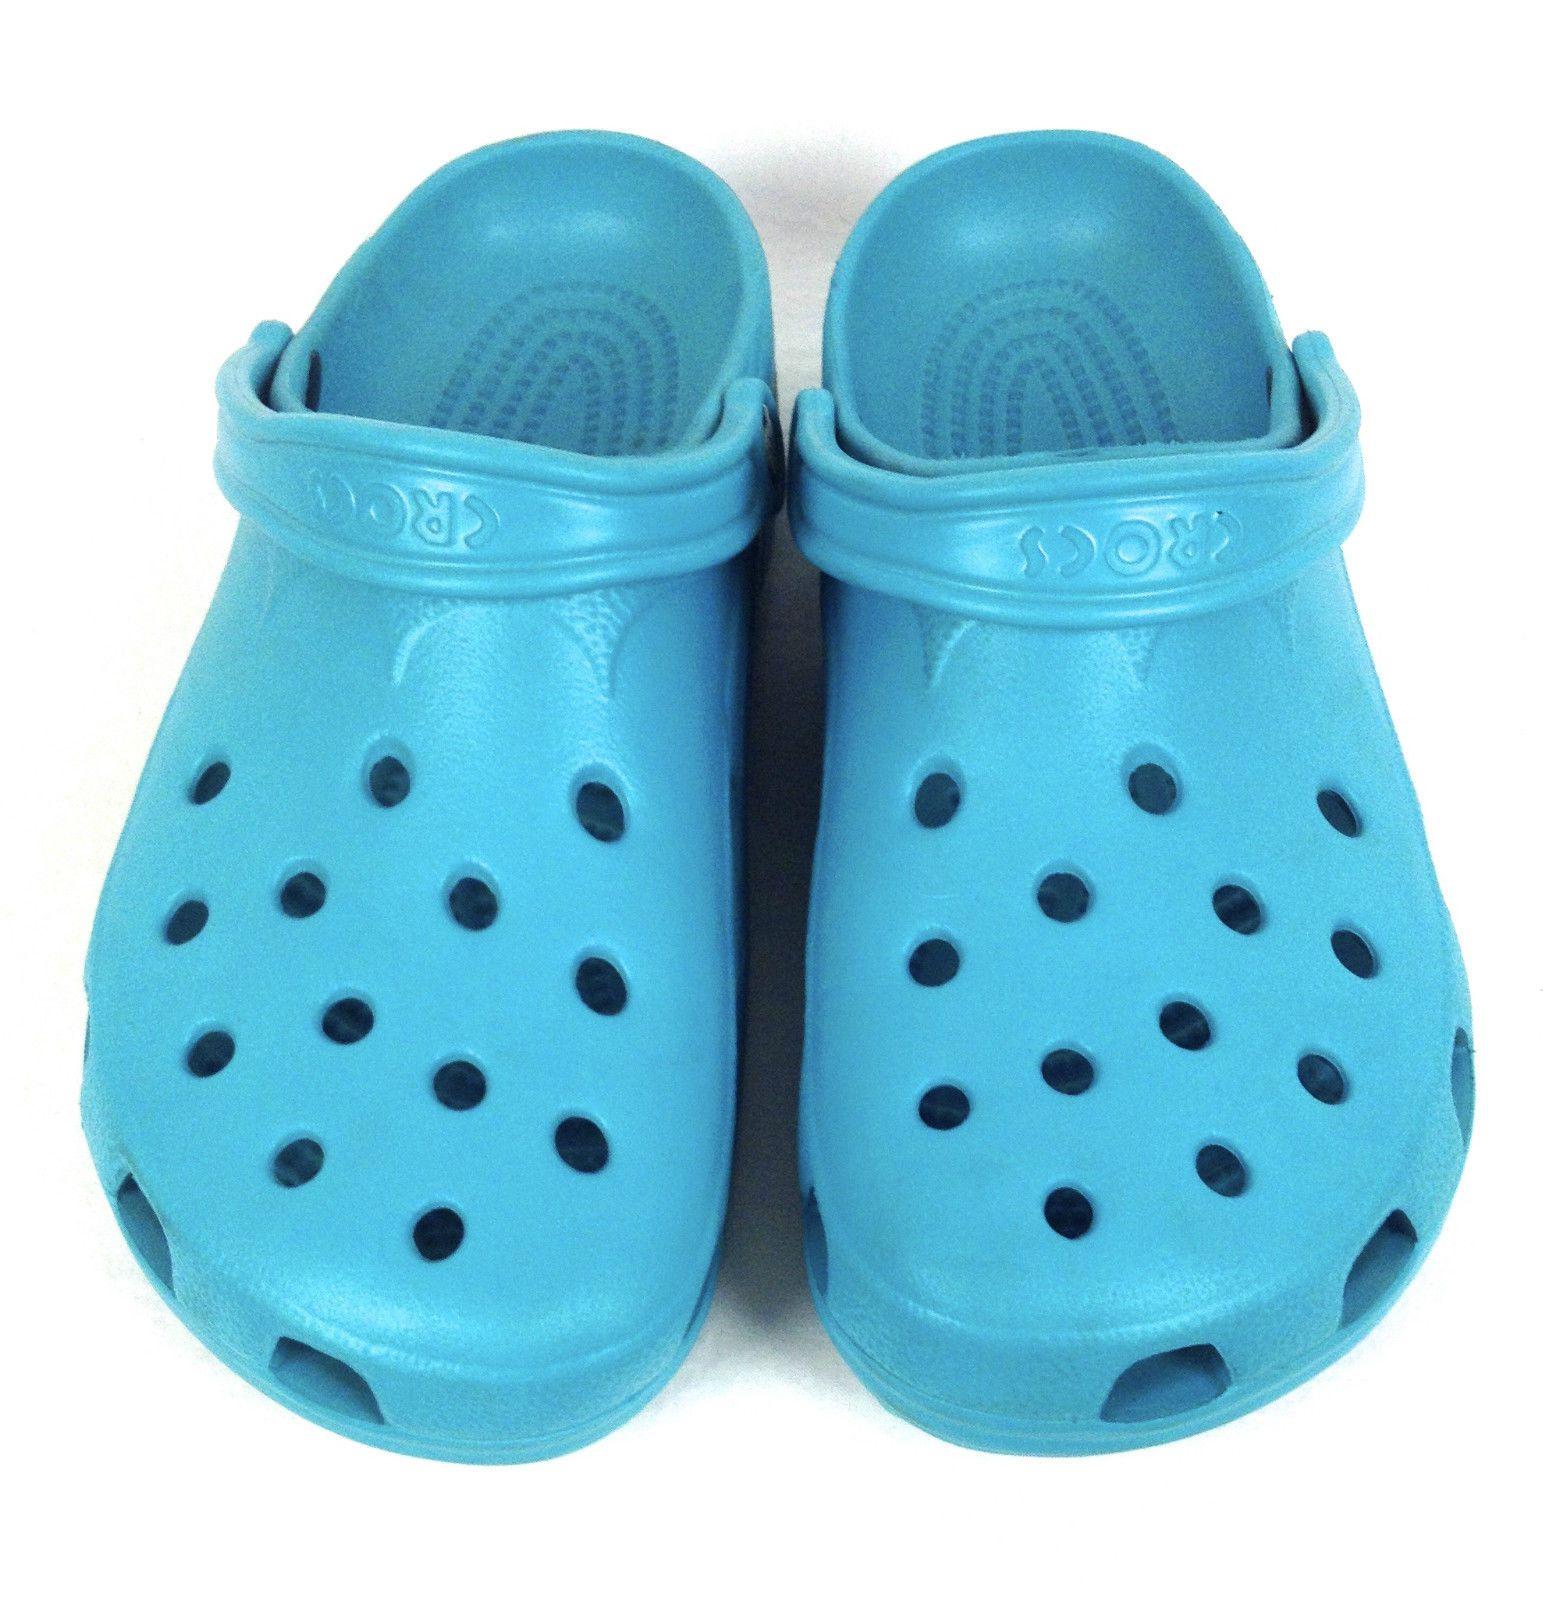 Crocs Shoes 12 Womens Blue Rubber